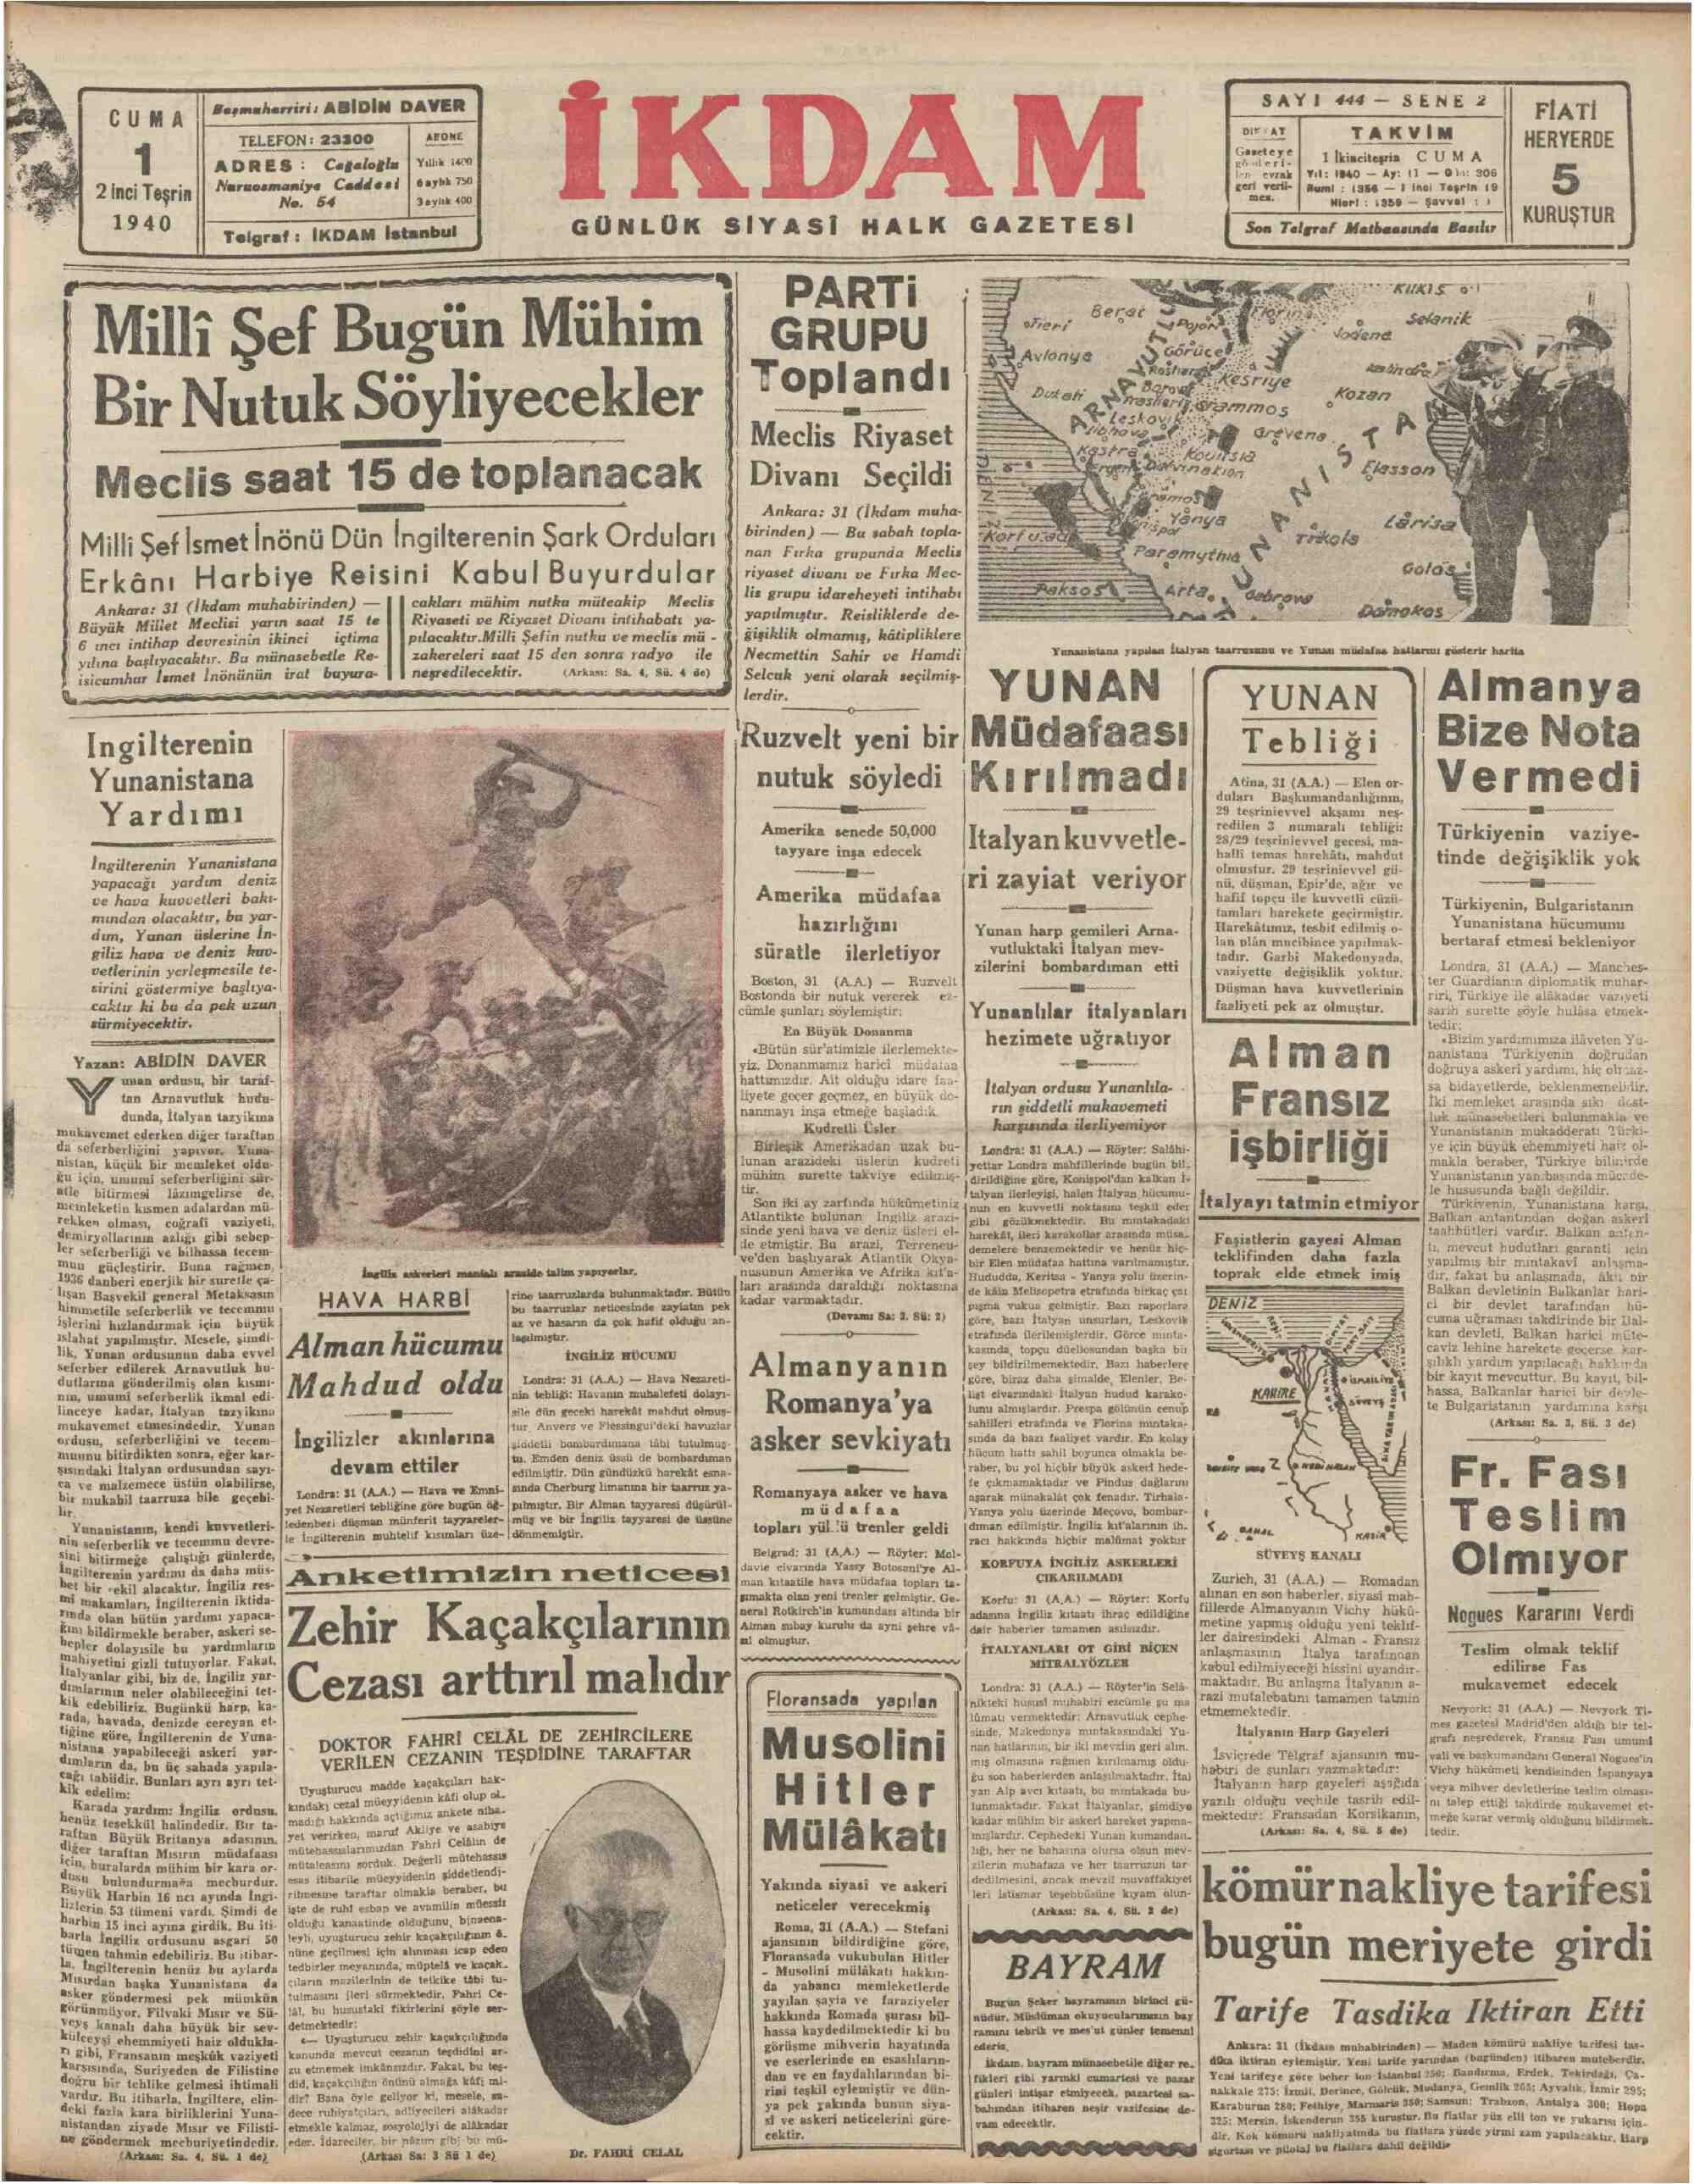 1 Kasım 1940 Tarihli İkdam (Sabah Postası) Gazetesi Sayfa 1